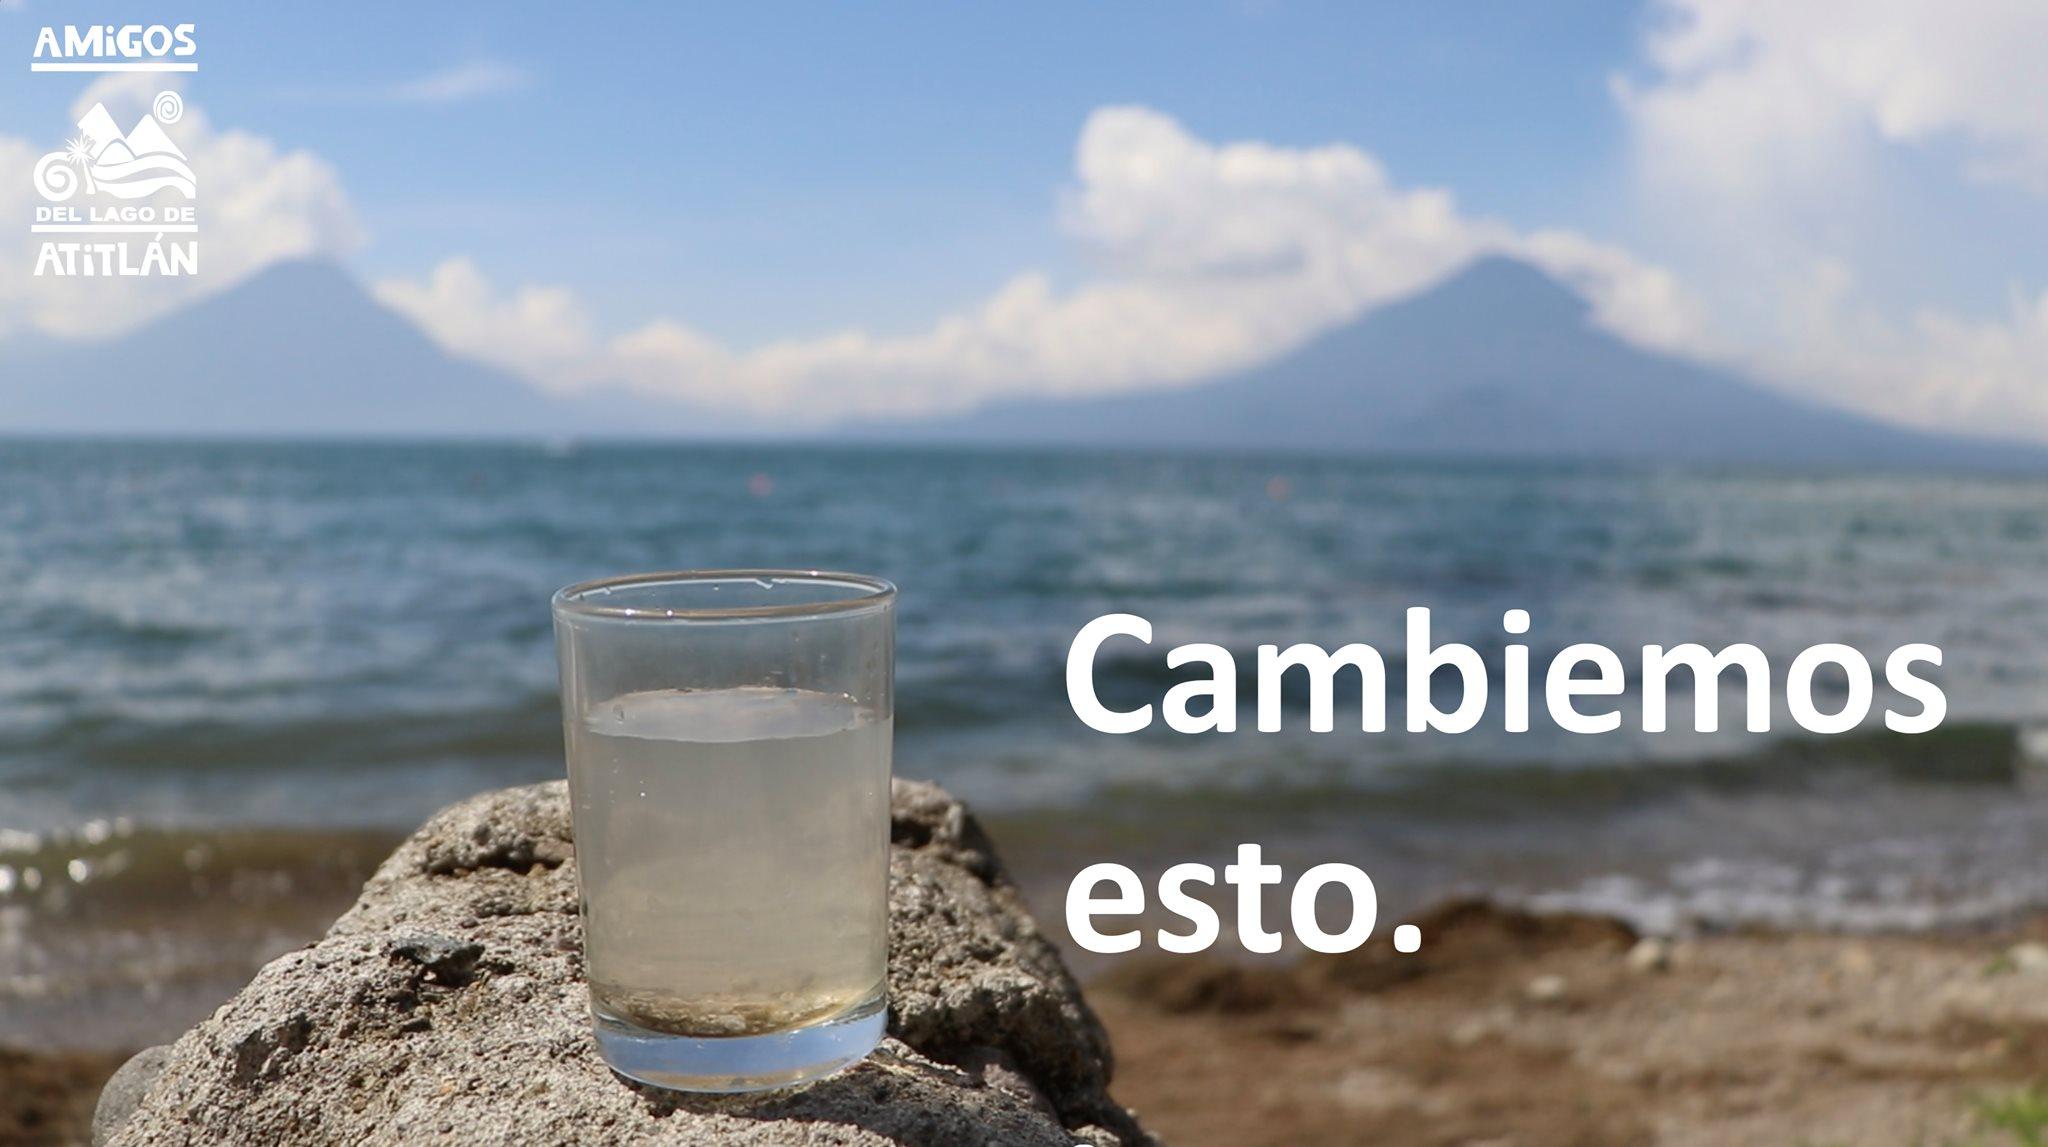 Organización recoge y recicla aceite de cocina para conservar el Lago de Atitlán en Sololá 2020